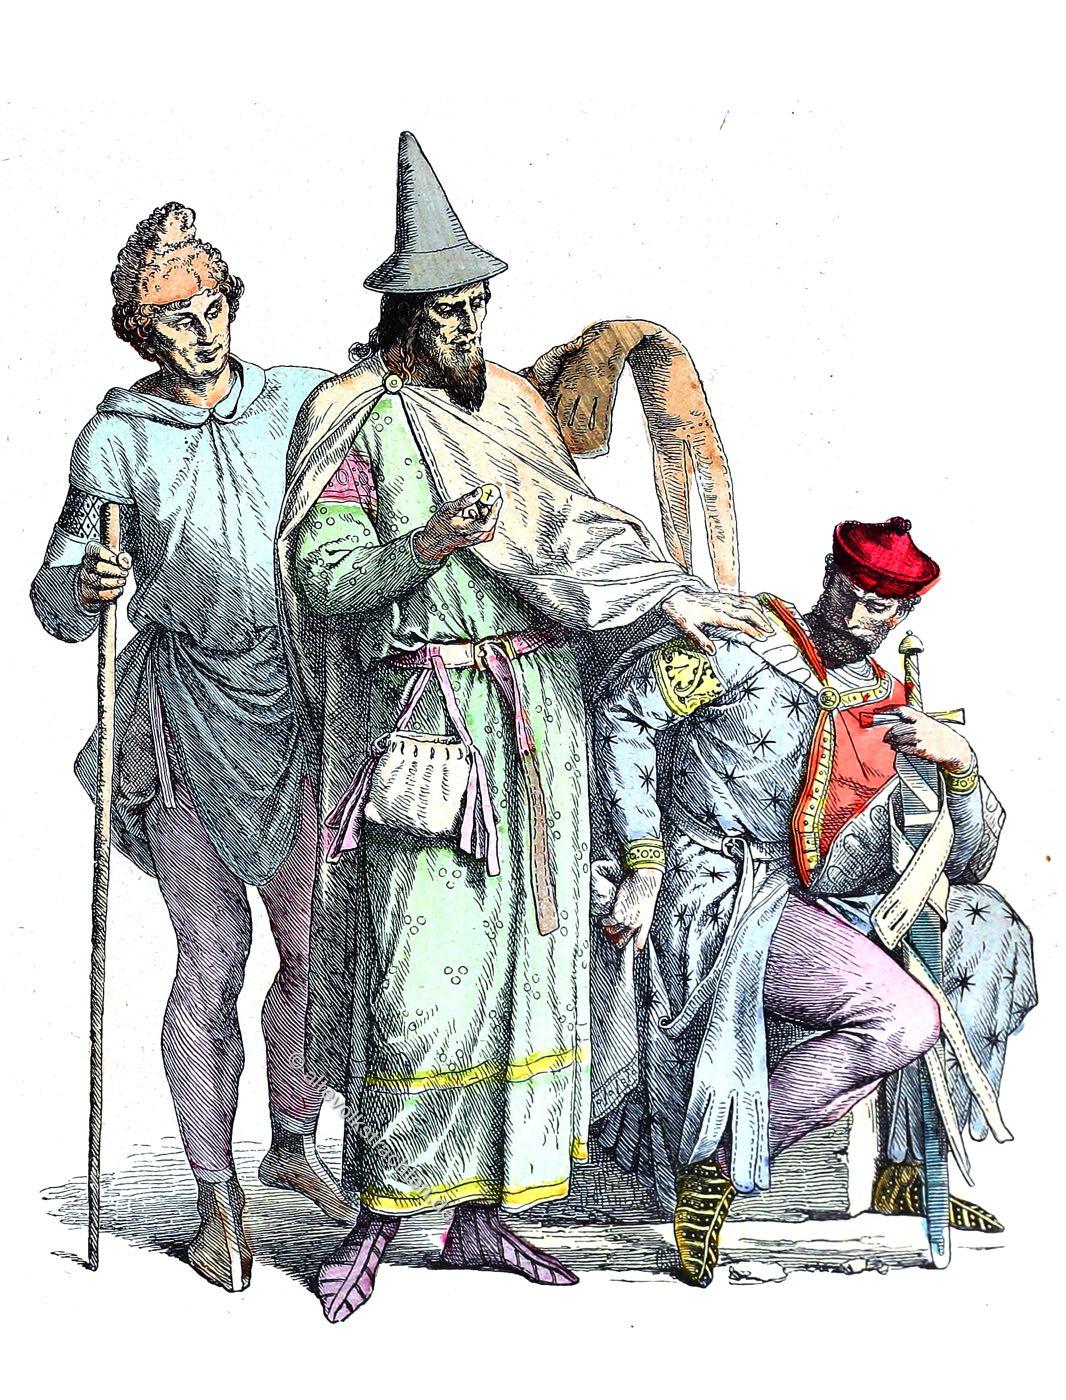 Münchener Bilderbogen, Mittelalter, Kostüme, Modegeschichte, Jude, Ritter,